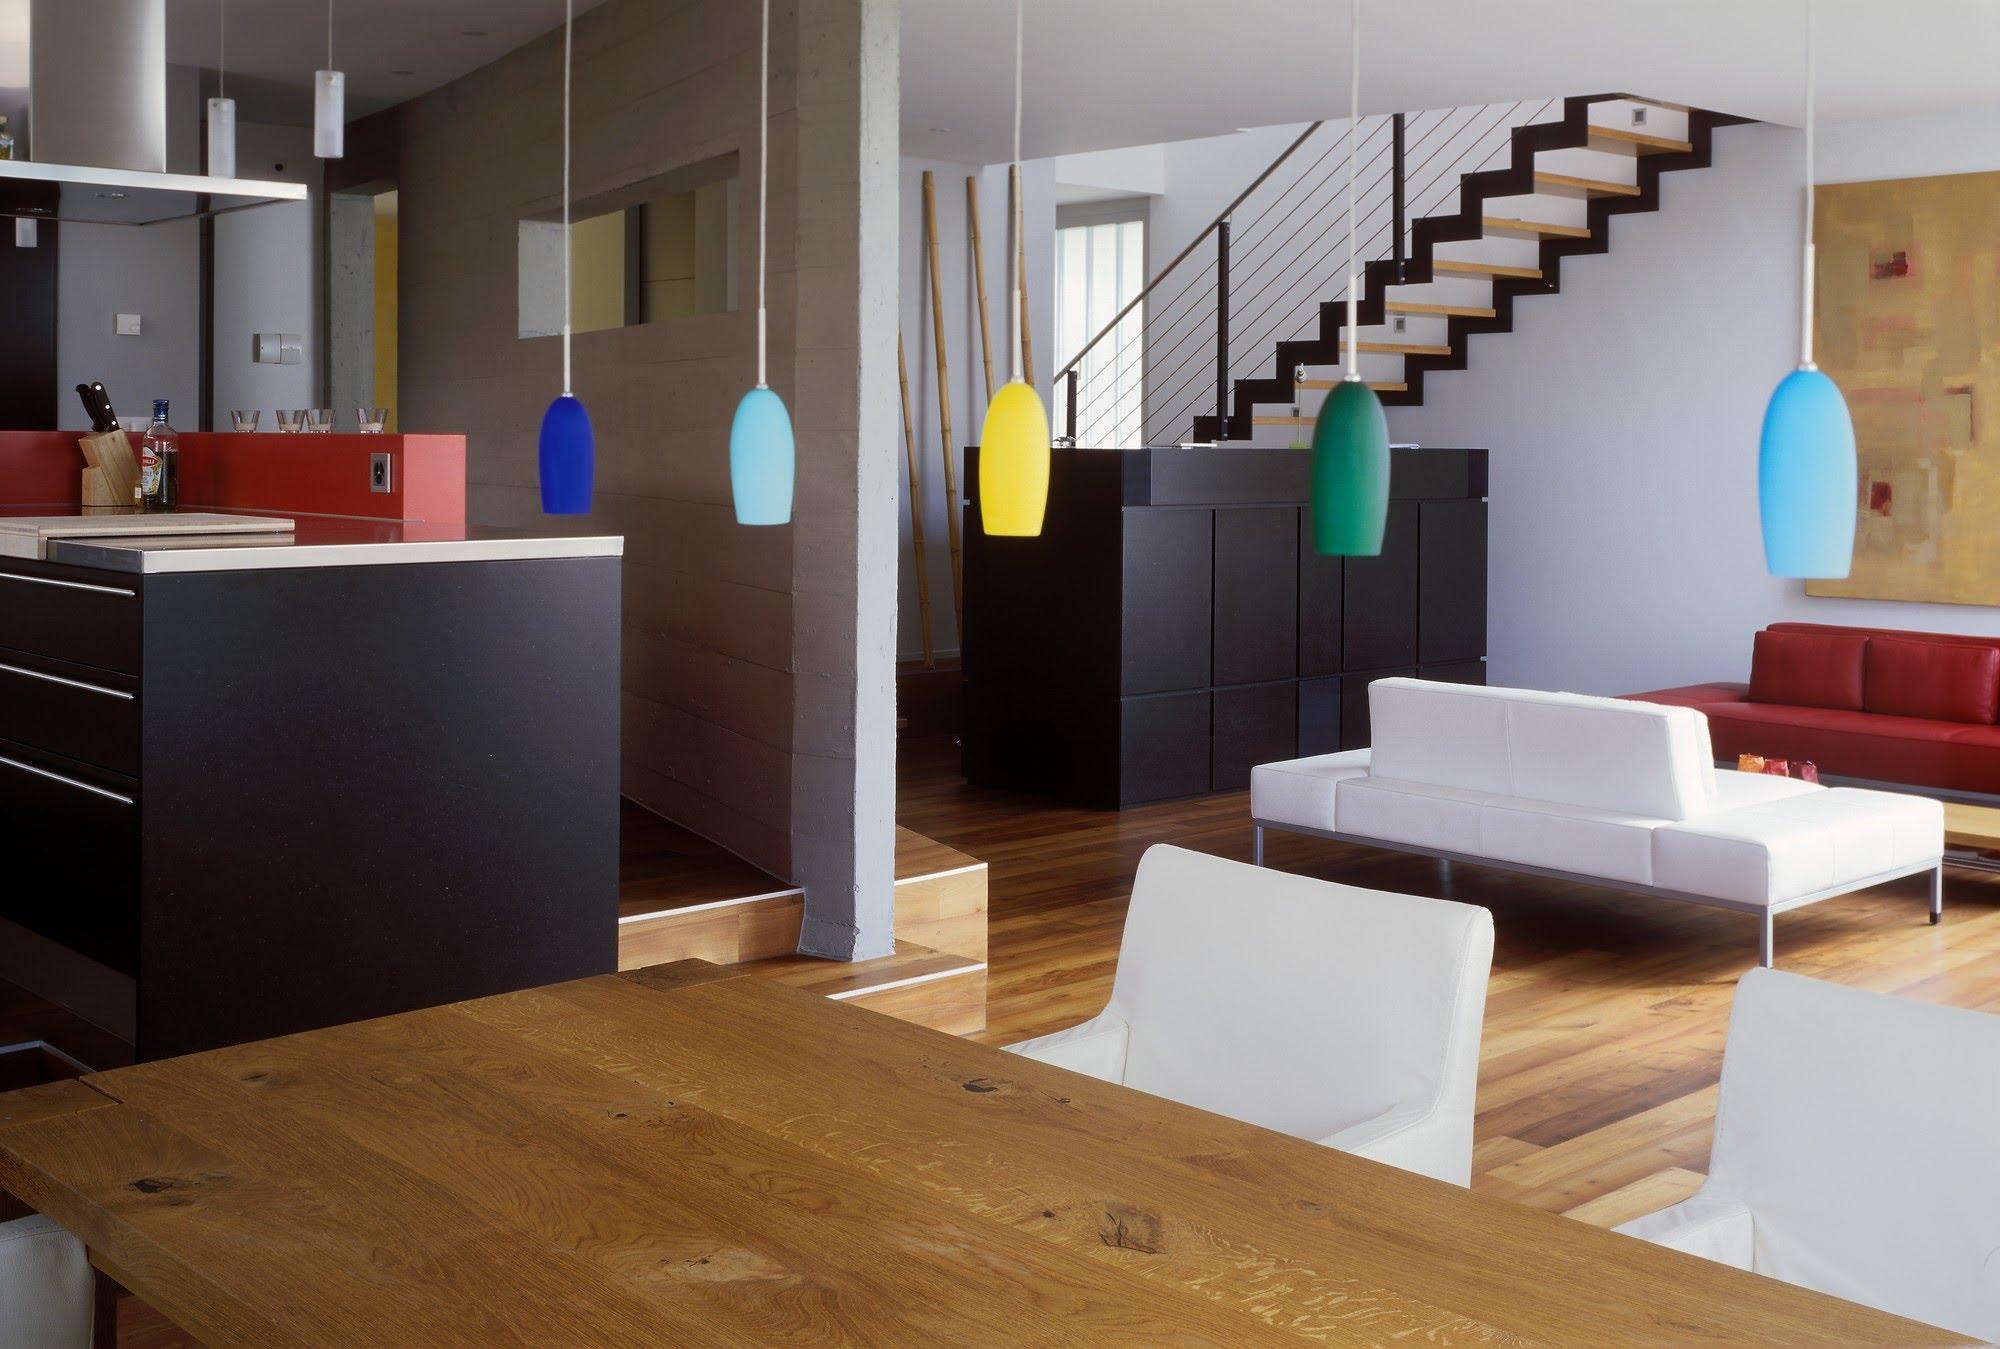 Wohnen EFH Vier EFH im Chilchi Architektur,Wohnungsbau,Wohnhäuser,Einfamilienhäuser,Mehrfamilienhäuser